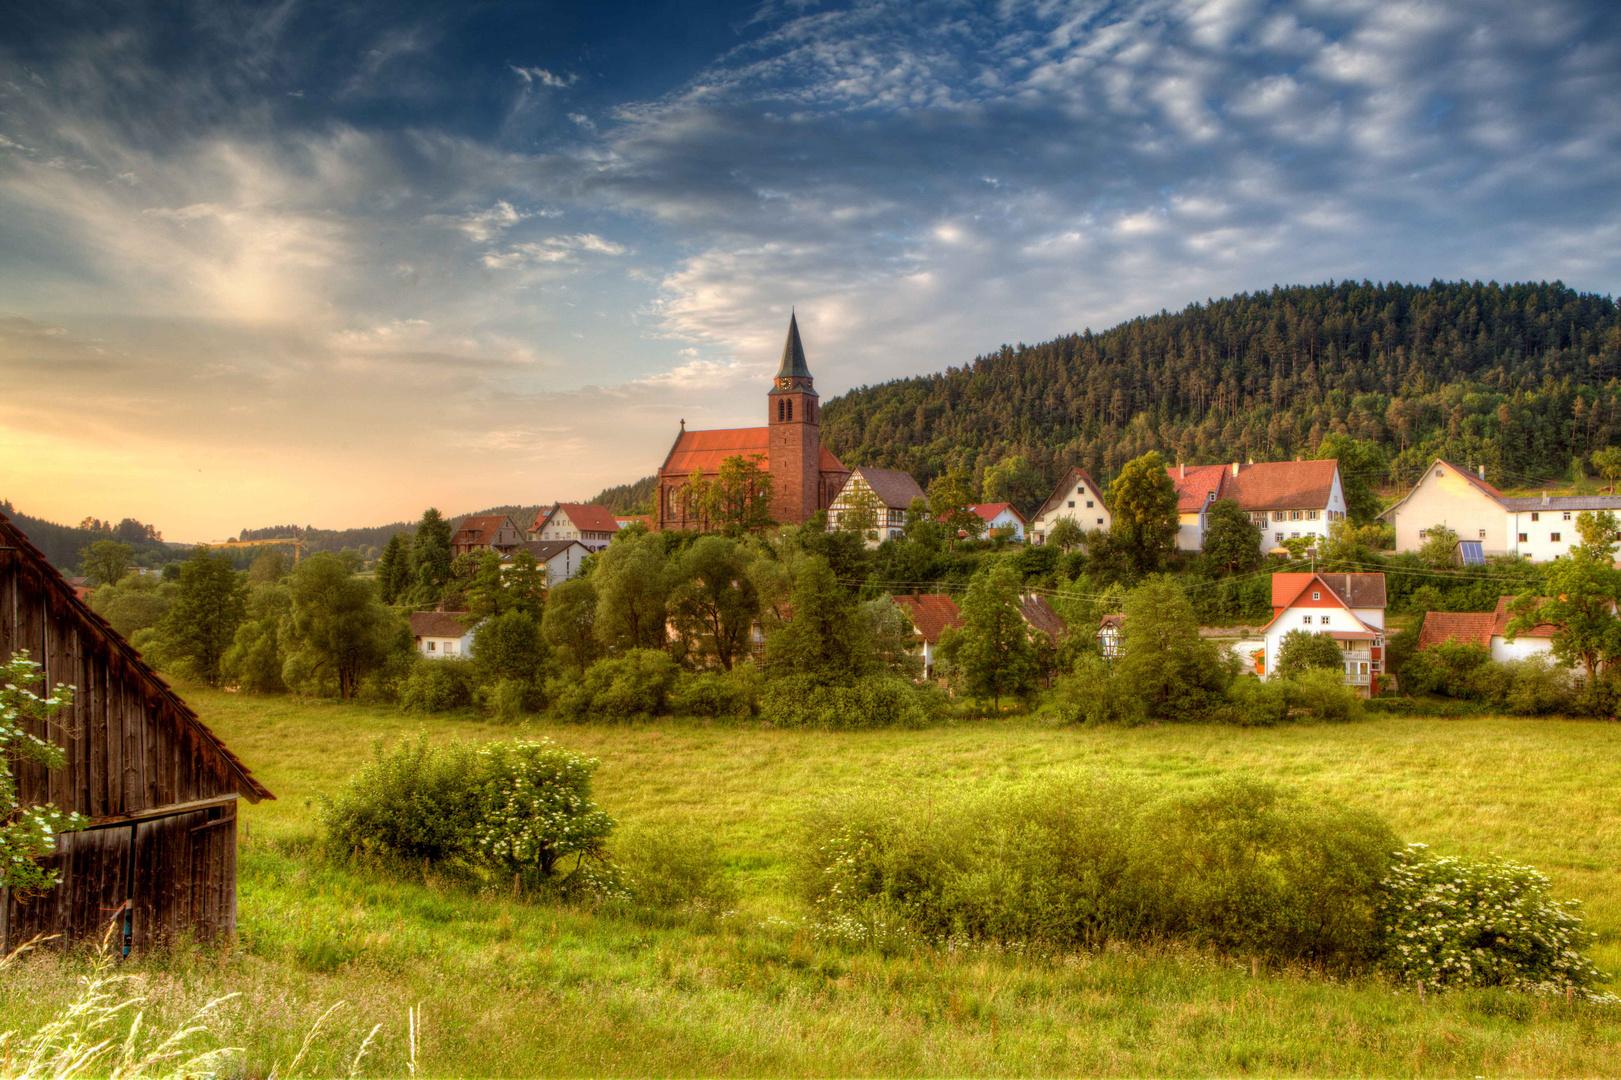 Horgen bei Niedereschach/Schwarzwald